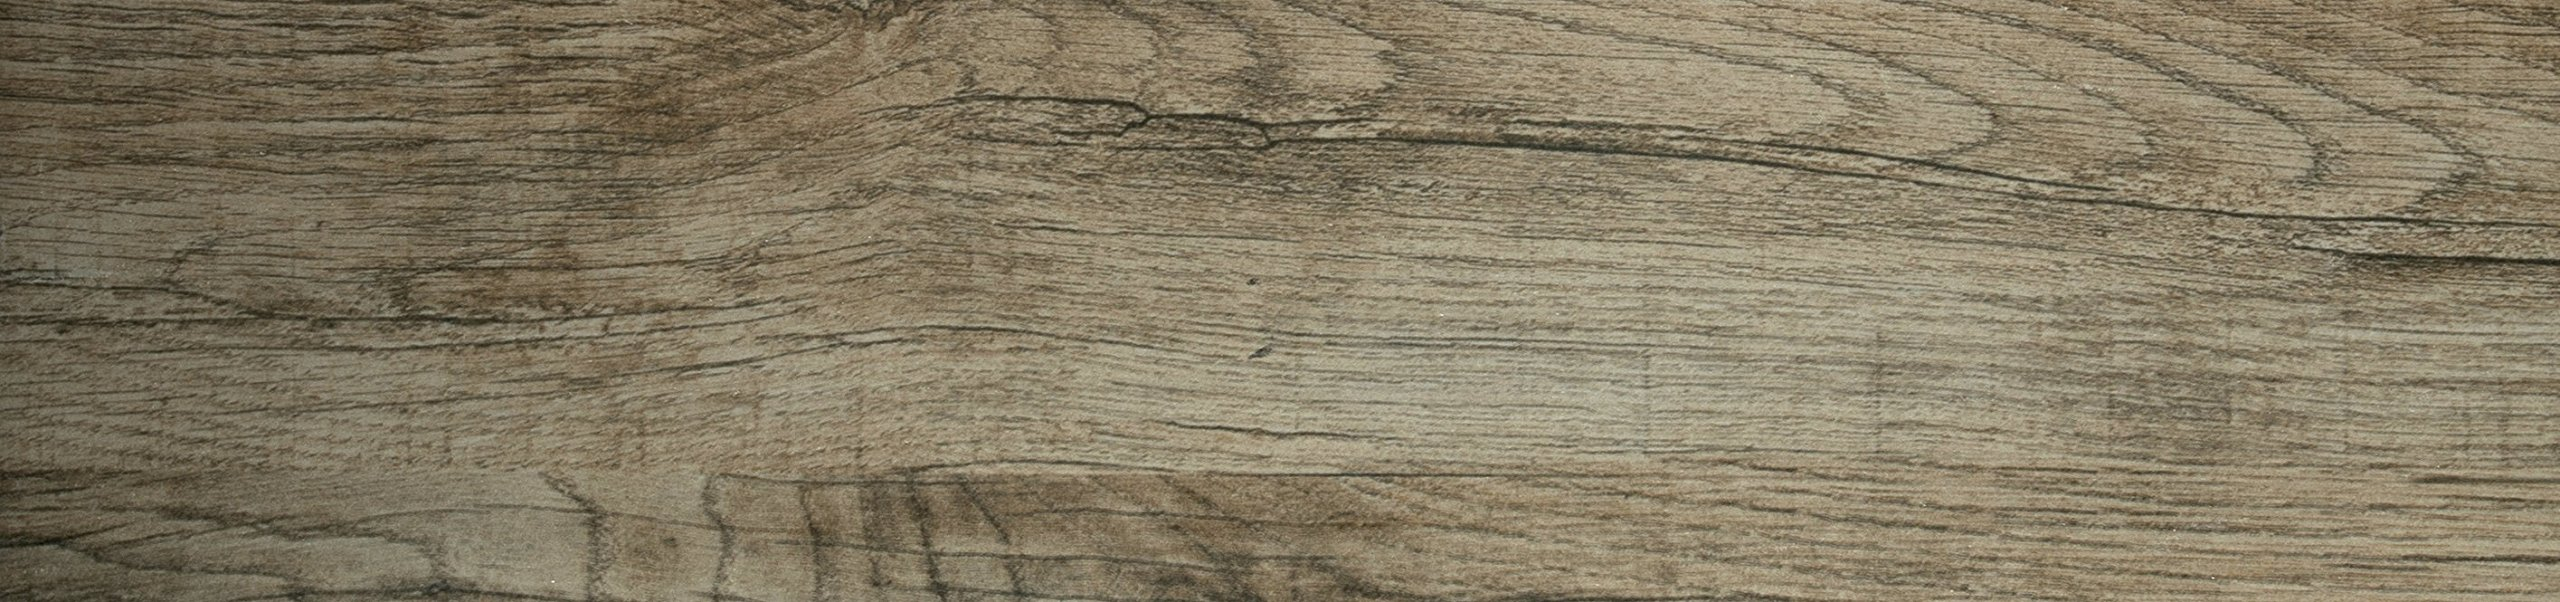 Emser Tile ''Woodwork'' SBN Porcelain Tile, 3'' x 24'', Hillsboro